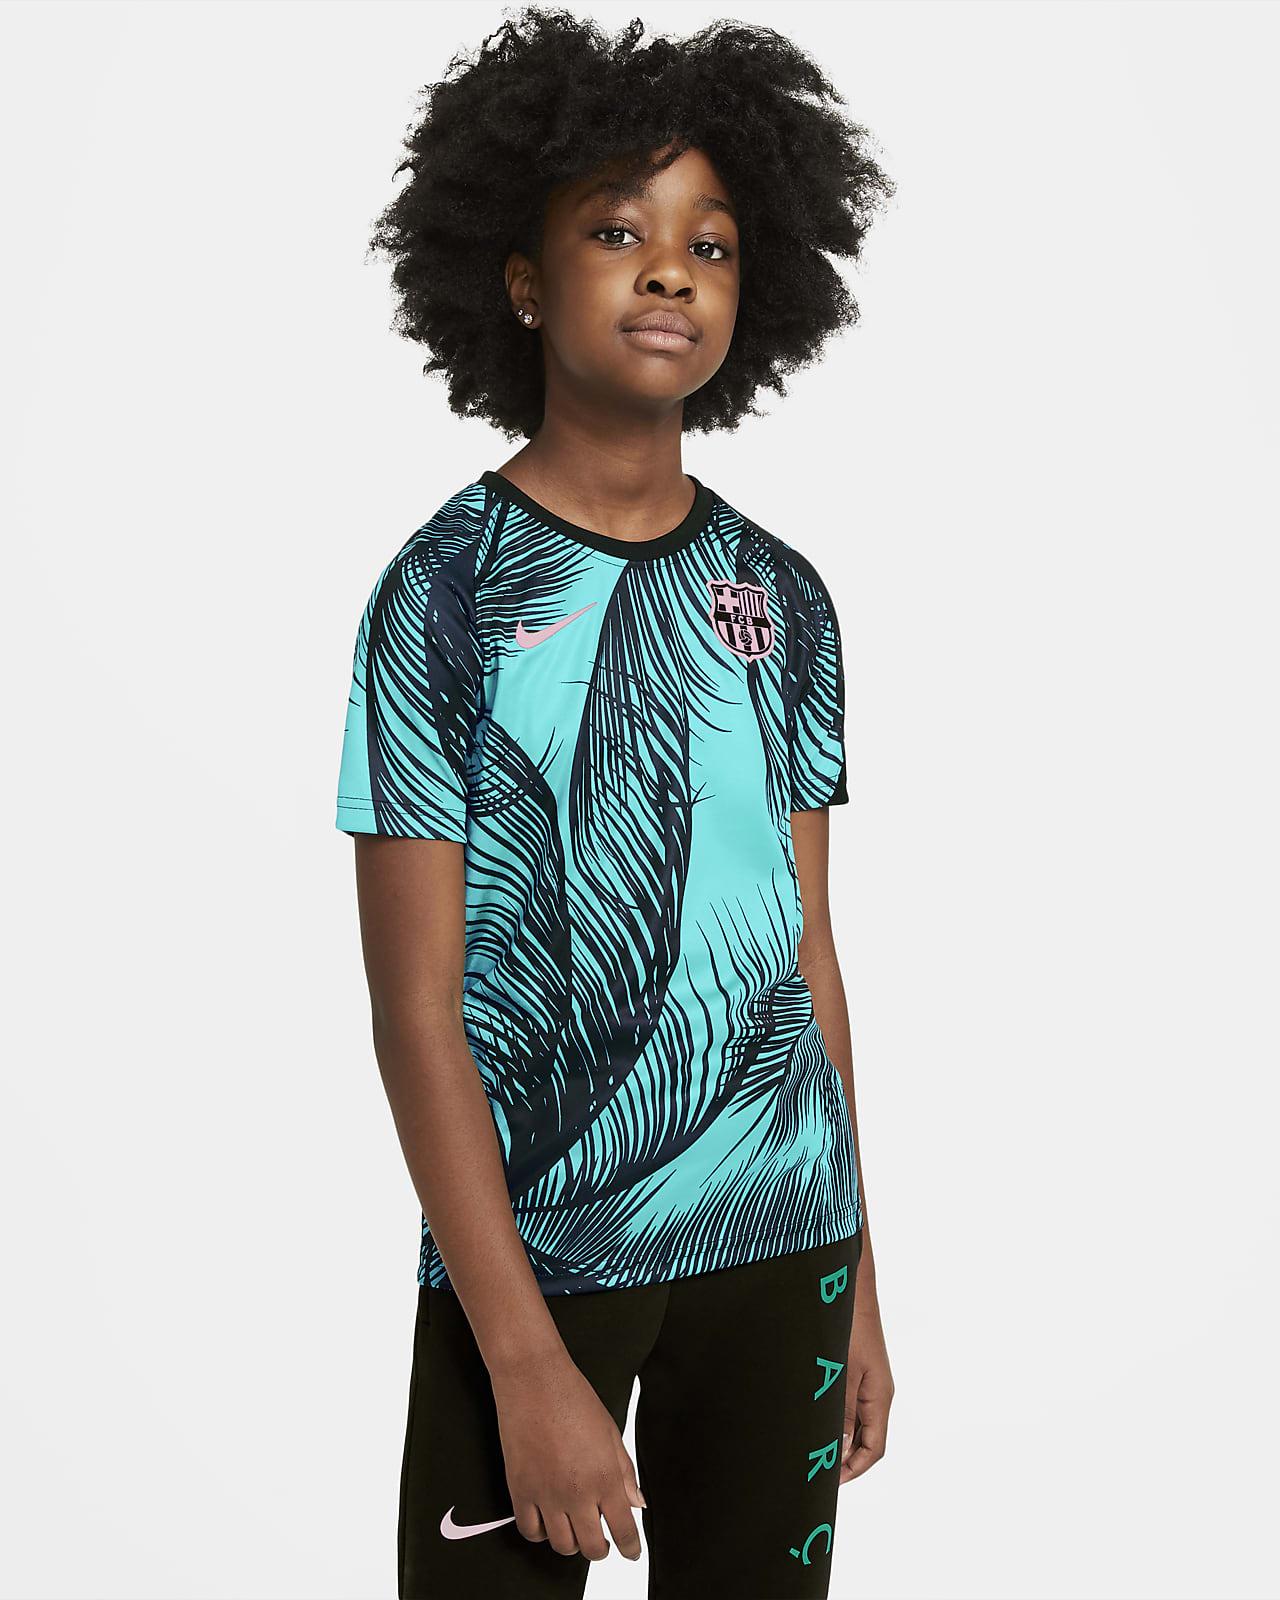 Předzápasové fotbalové tričko FC Barcelona skrátkým rukávem pro větší děti